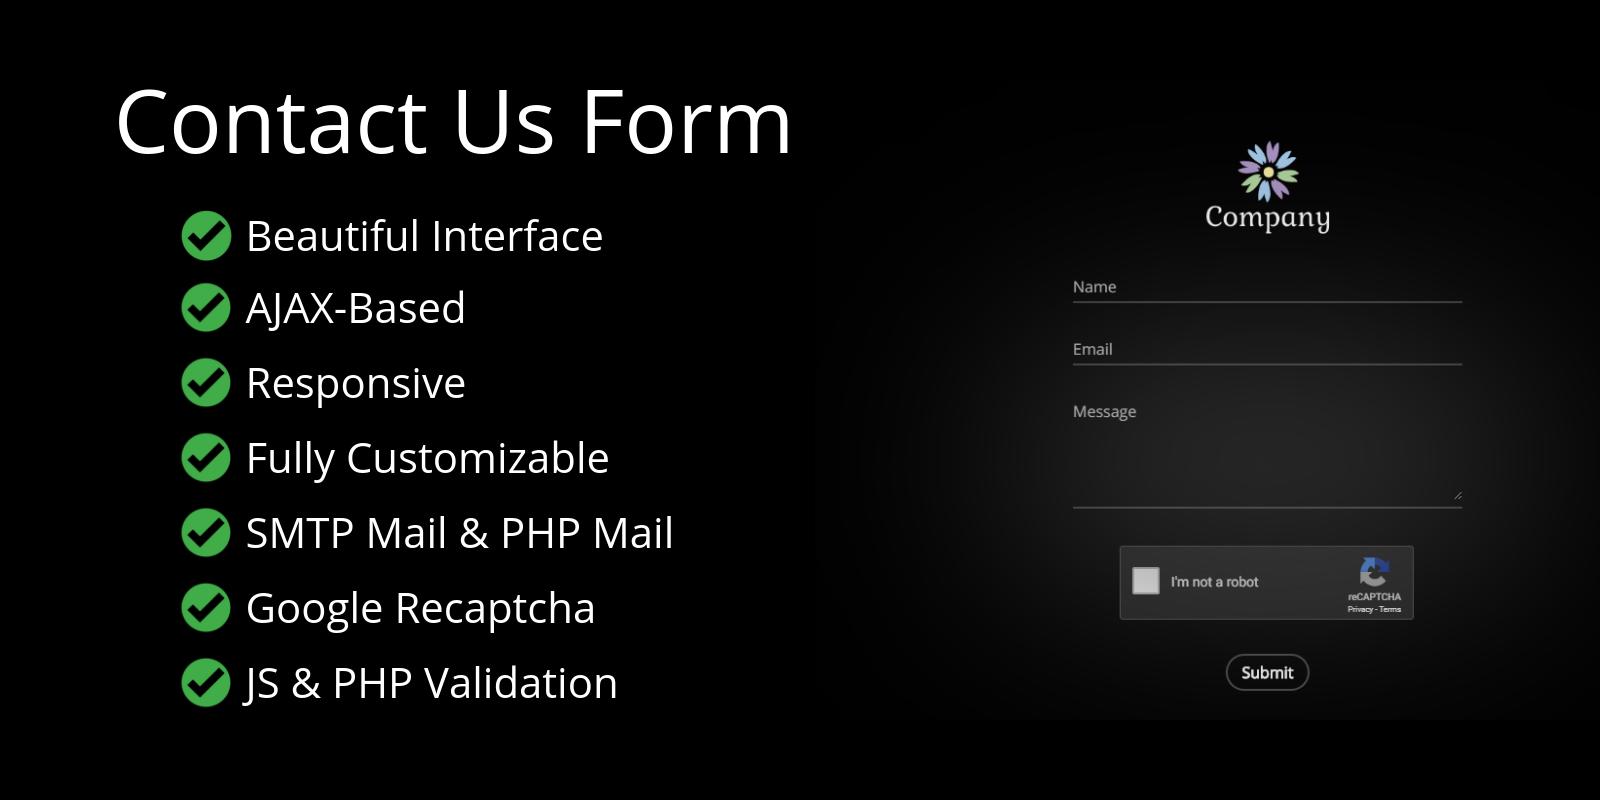 Recaptcha Powered AJAX Contact Form